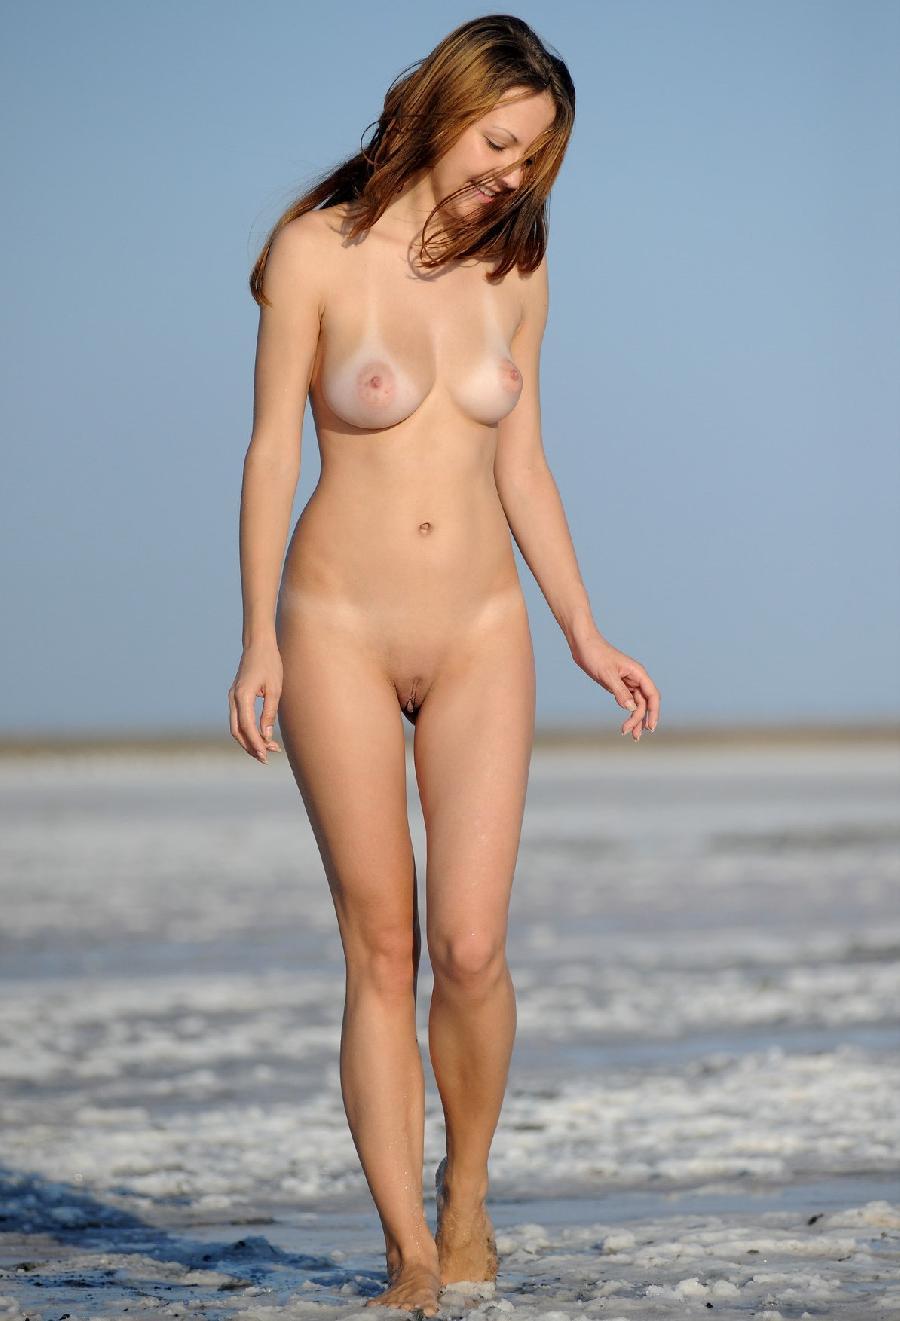 Weekly erotic picdump - 42/2013 - 25